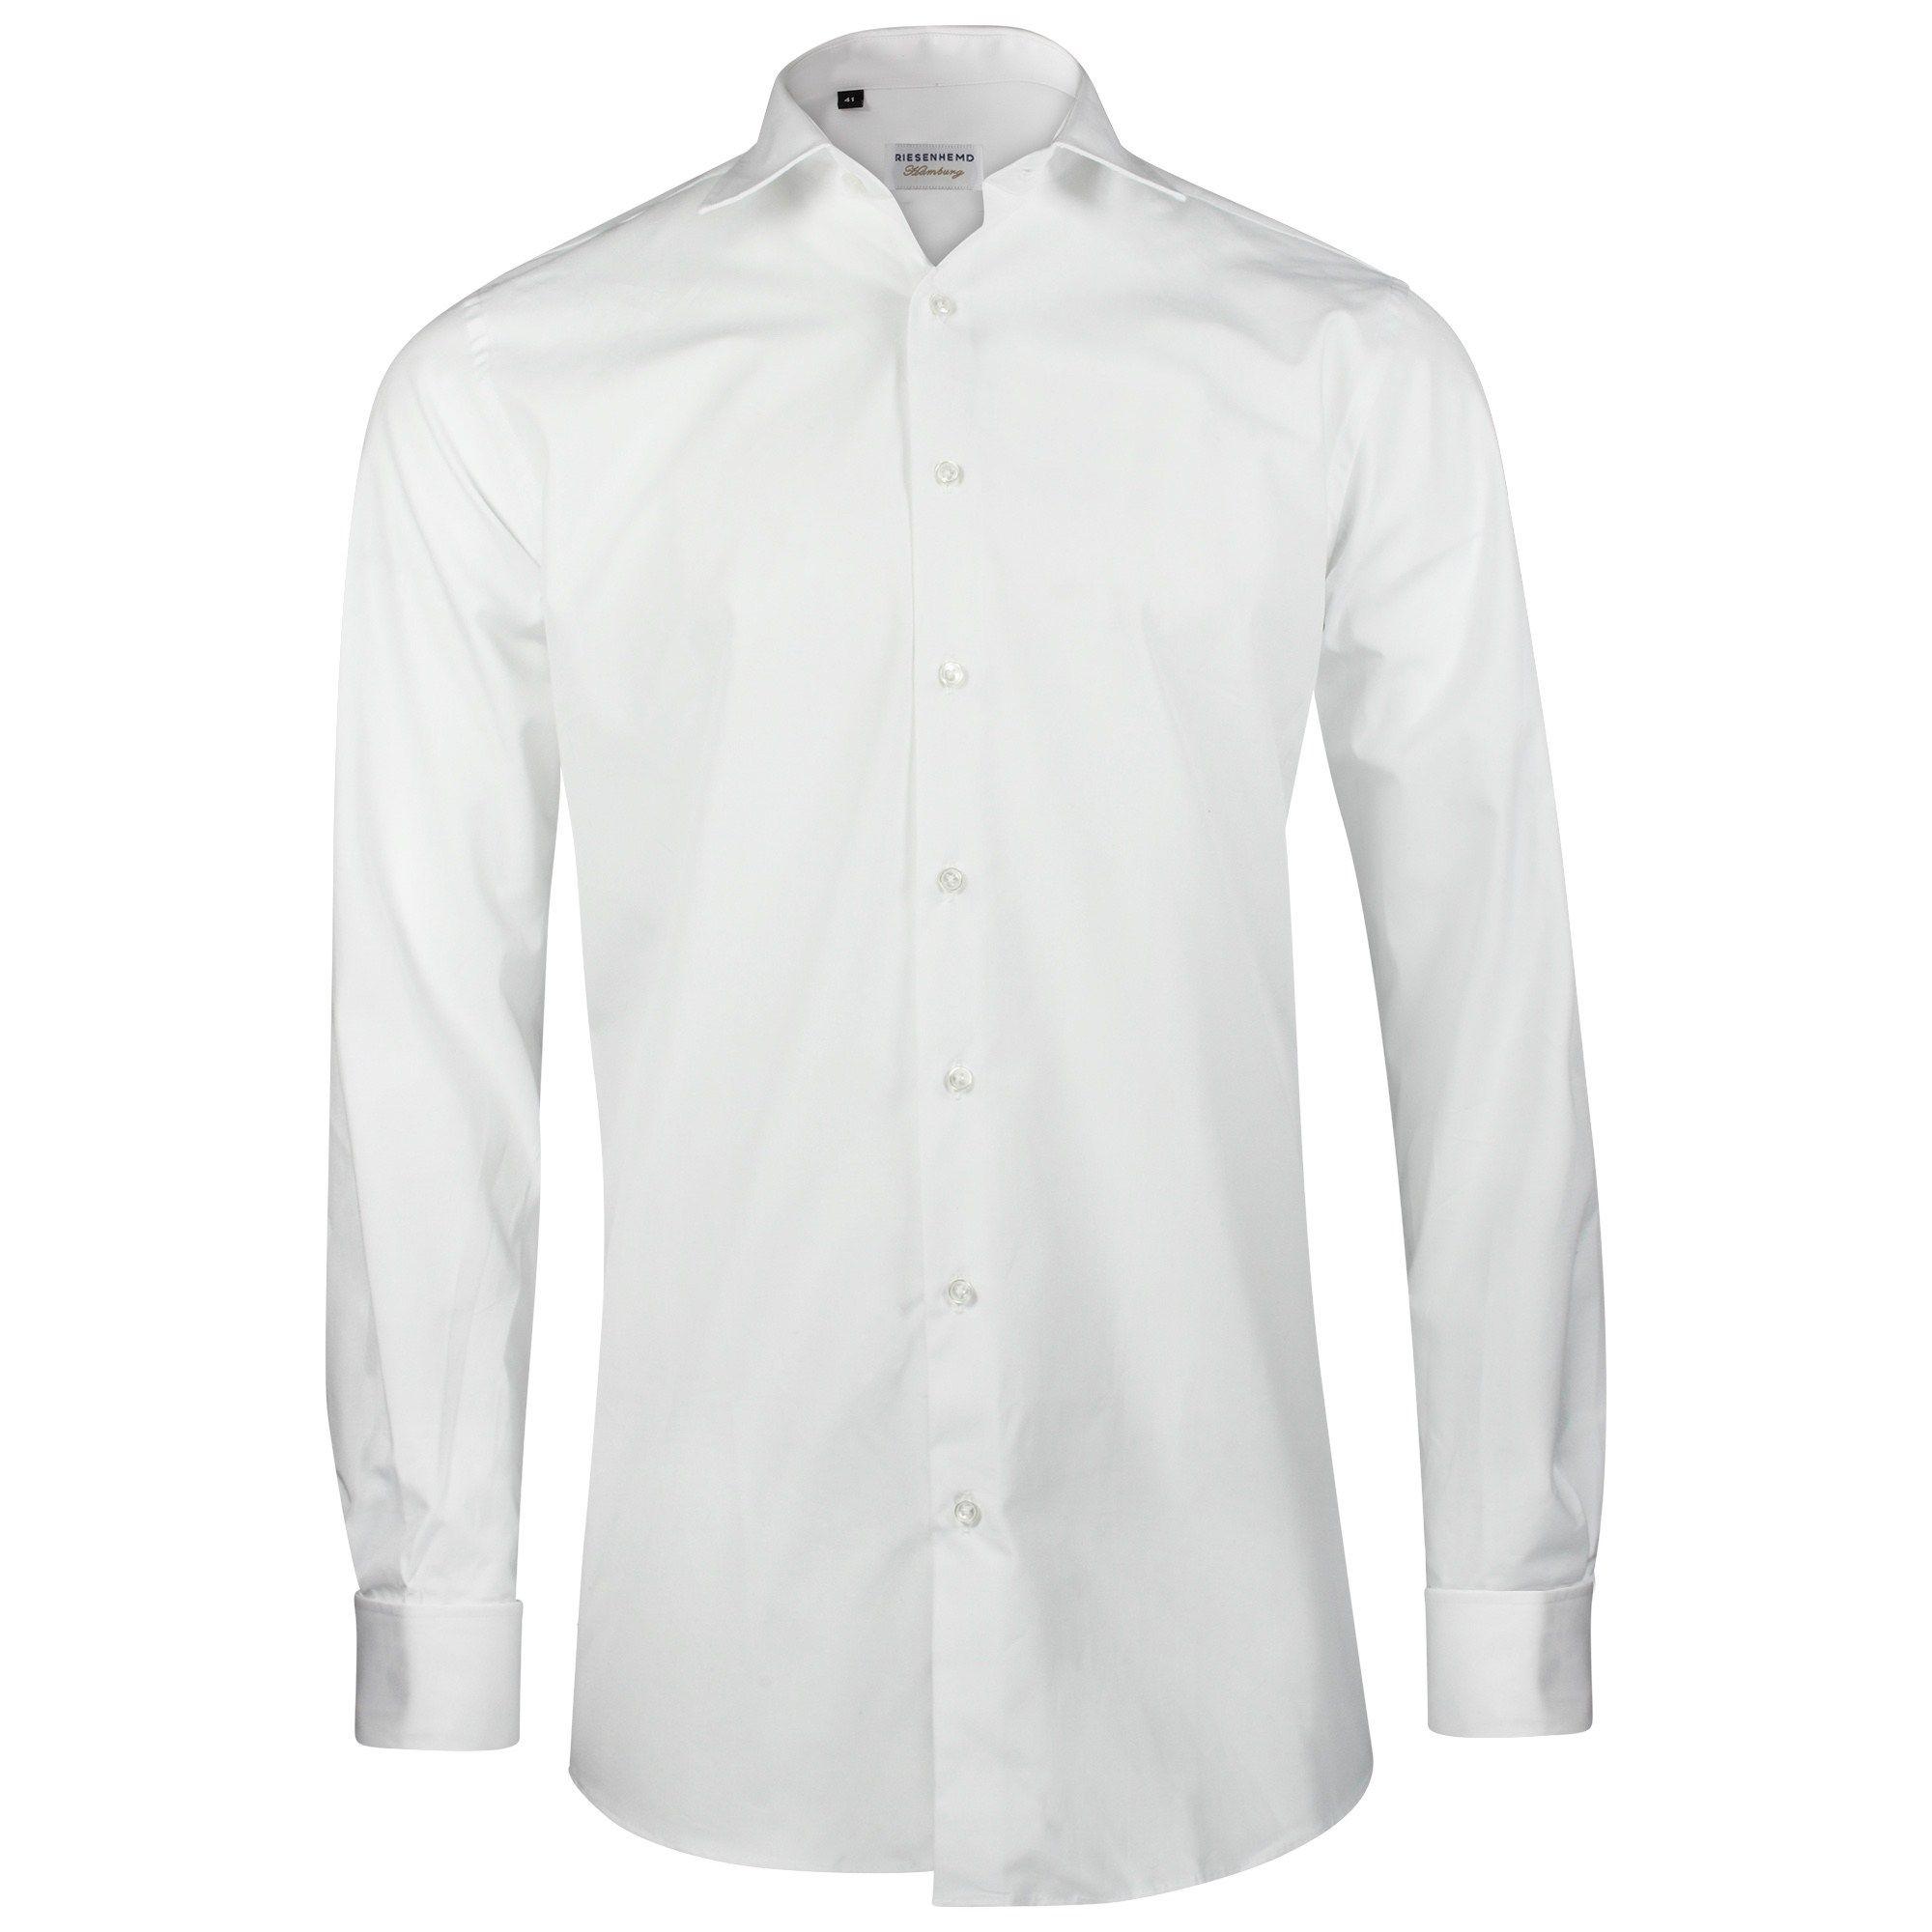 Hemd London Extra Langer Arm 72 Cm Modern Fit Riesenhemd Hamburg Hemd Mode Fur Grosse Manner Grosse Manner